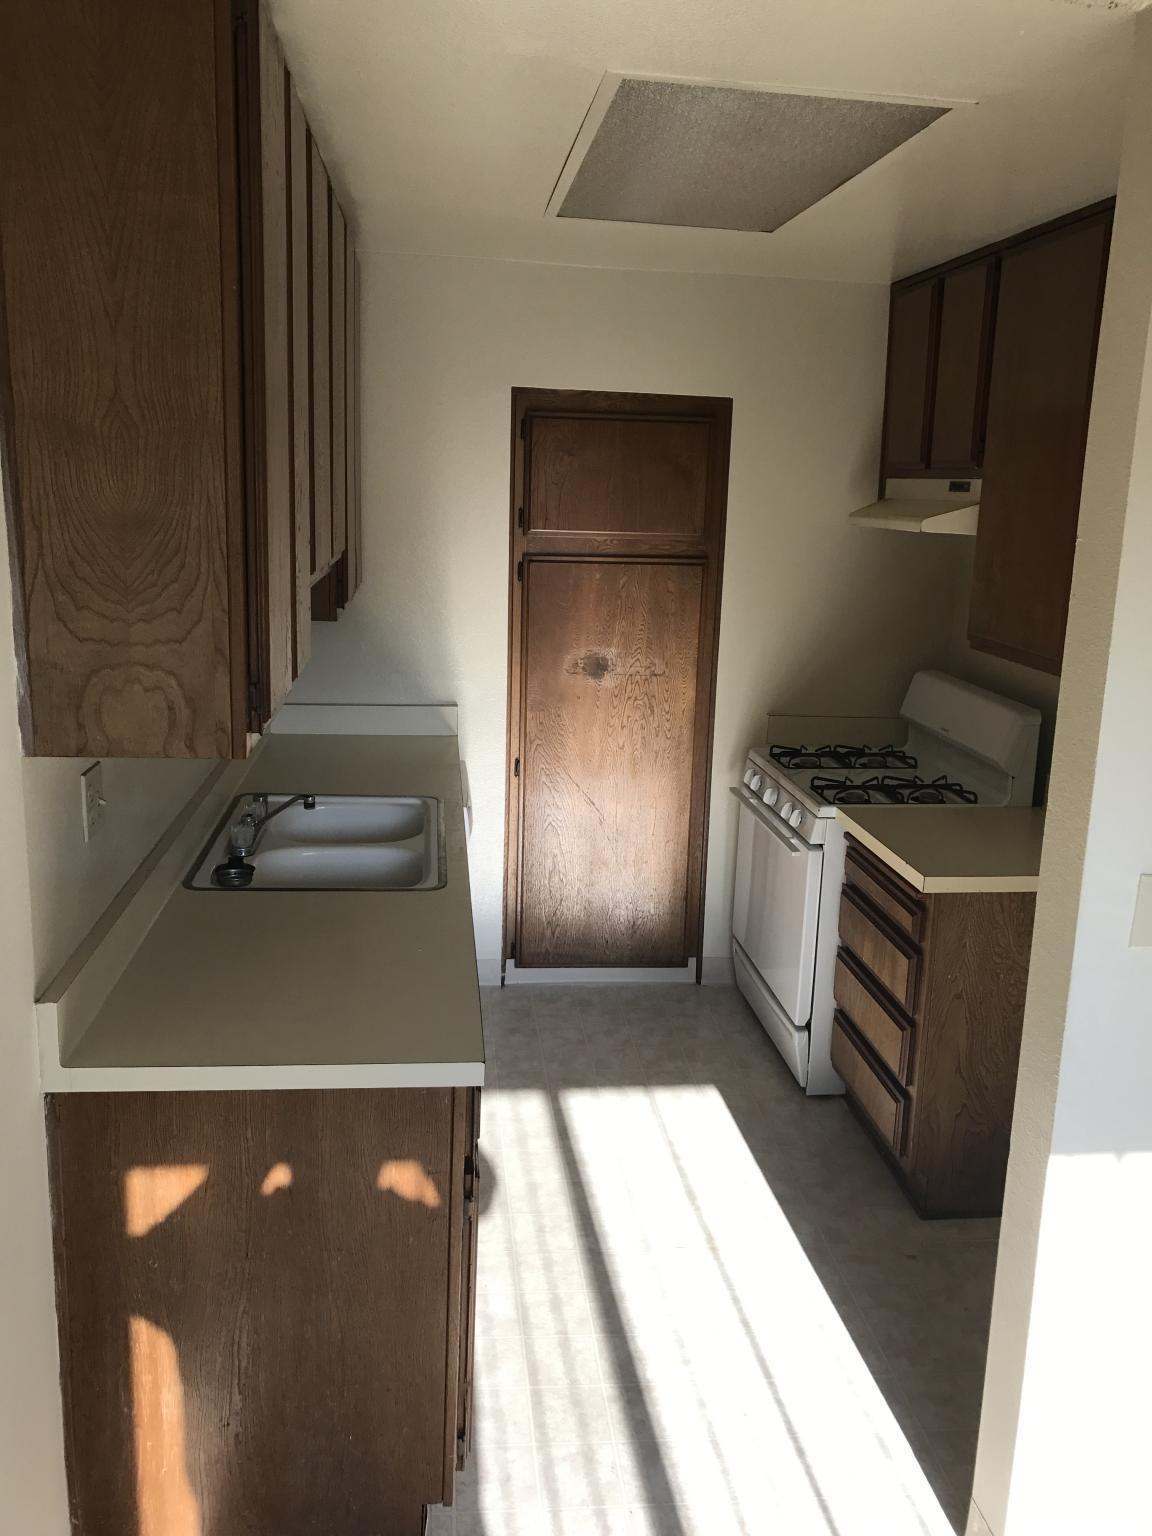 13100 Gilbert St #42, Garden Grove, CA 92844 For Rent | Trulia